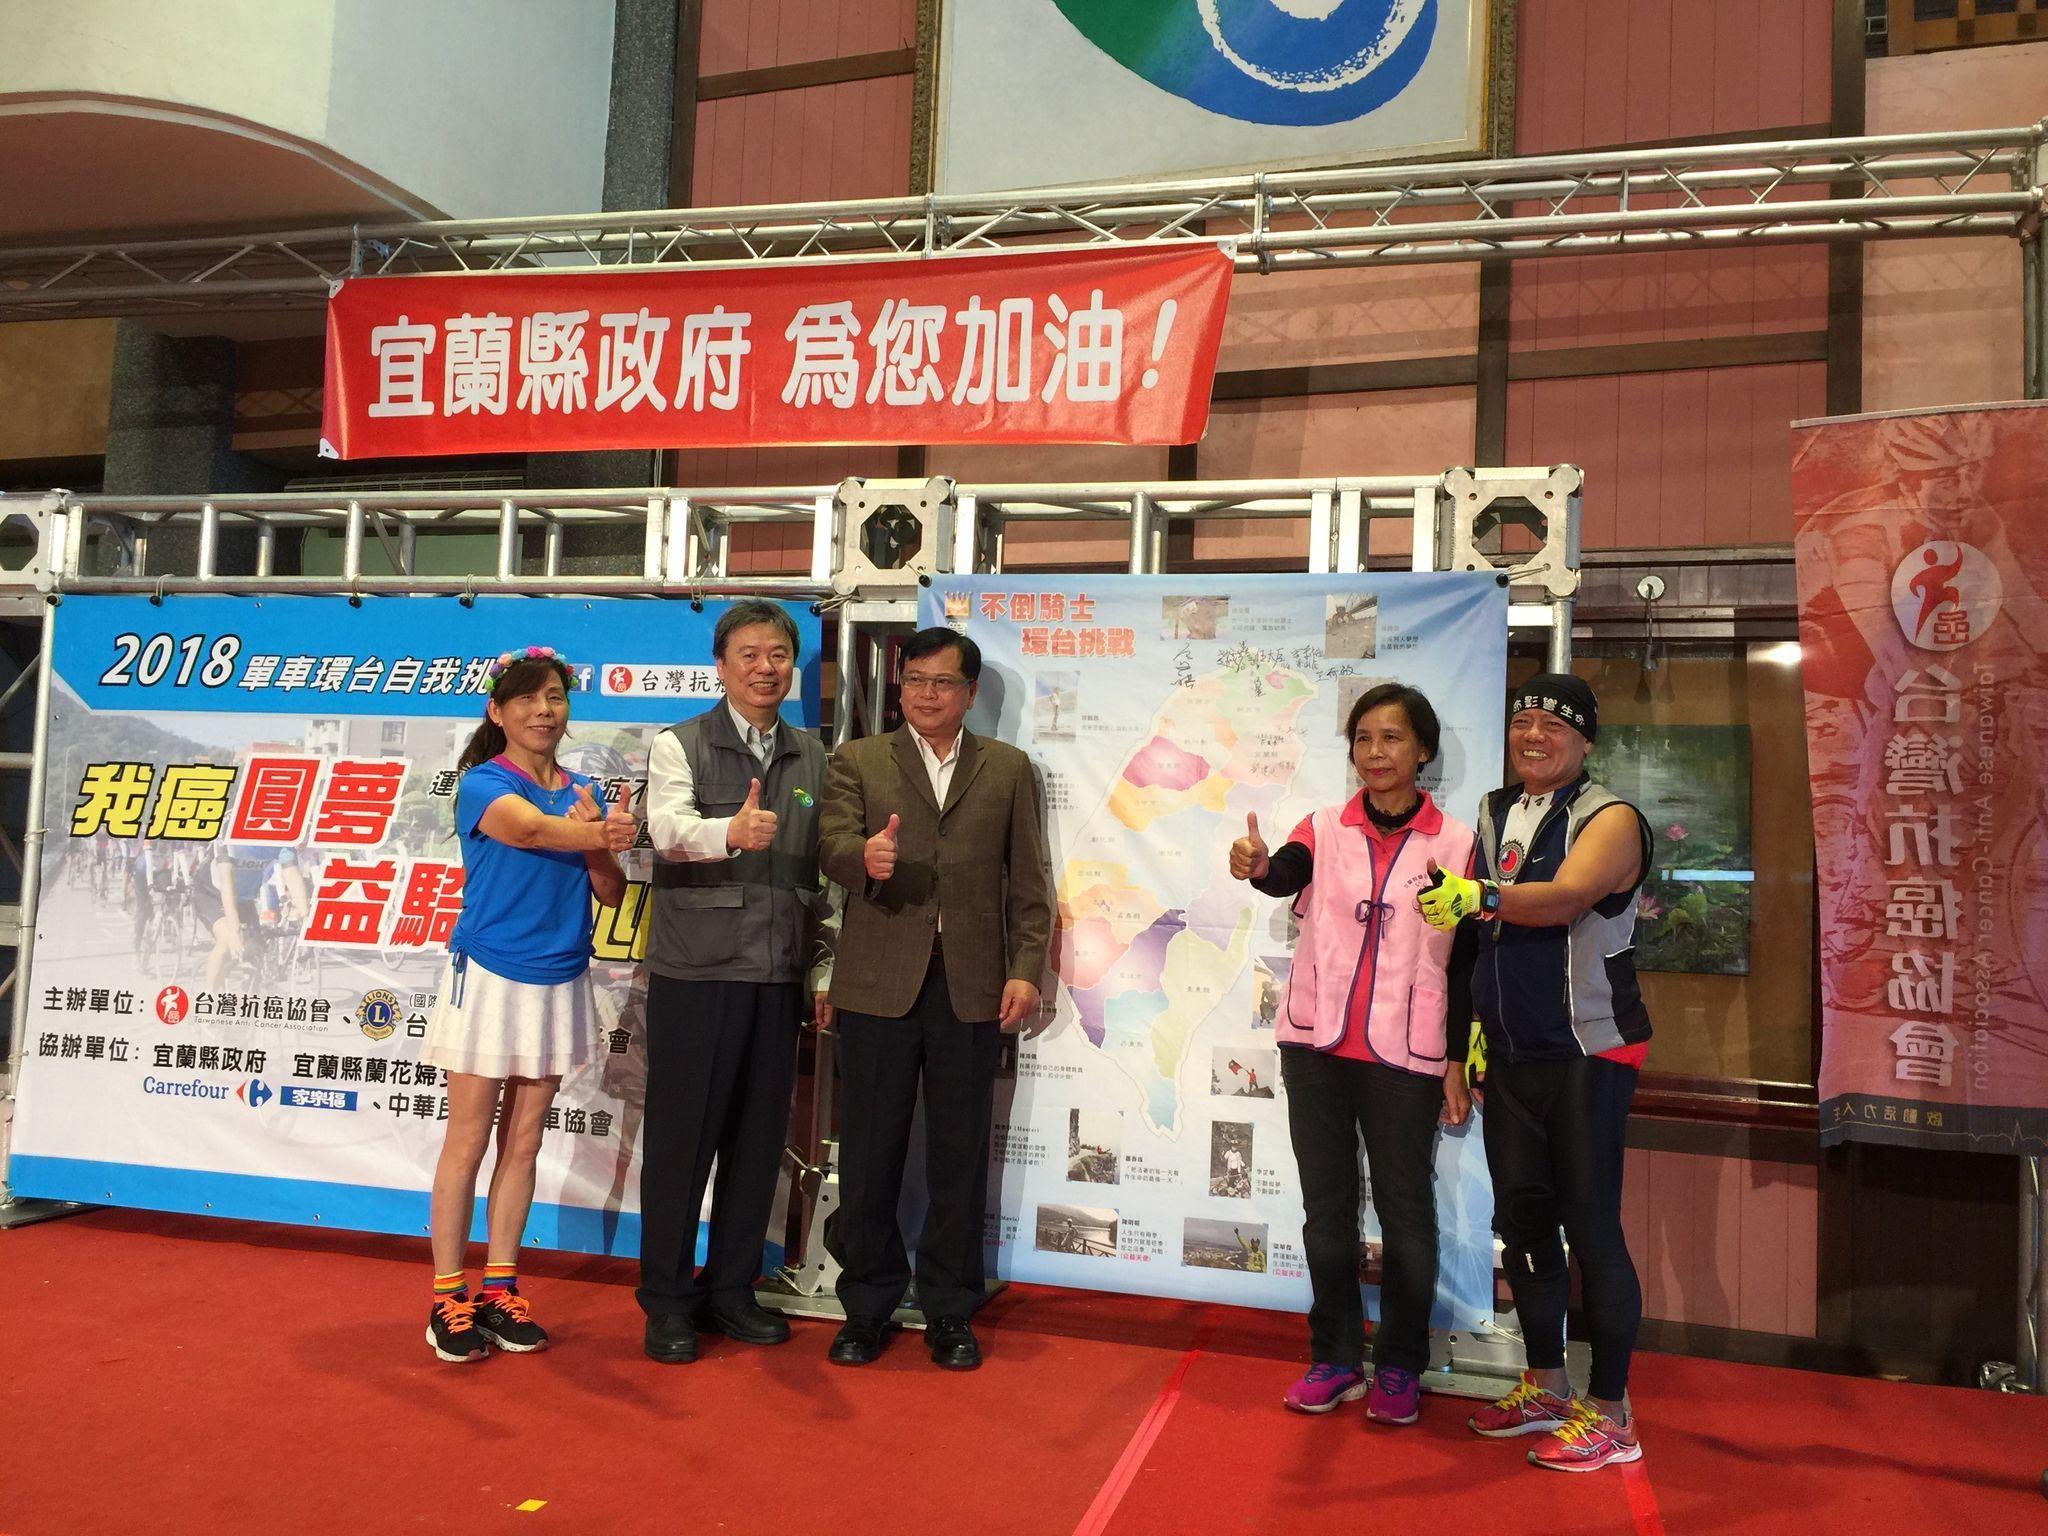 余副縣長及衛生局劉局長與團體代表共同在環島地圖為愛簽署